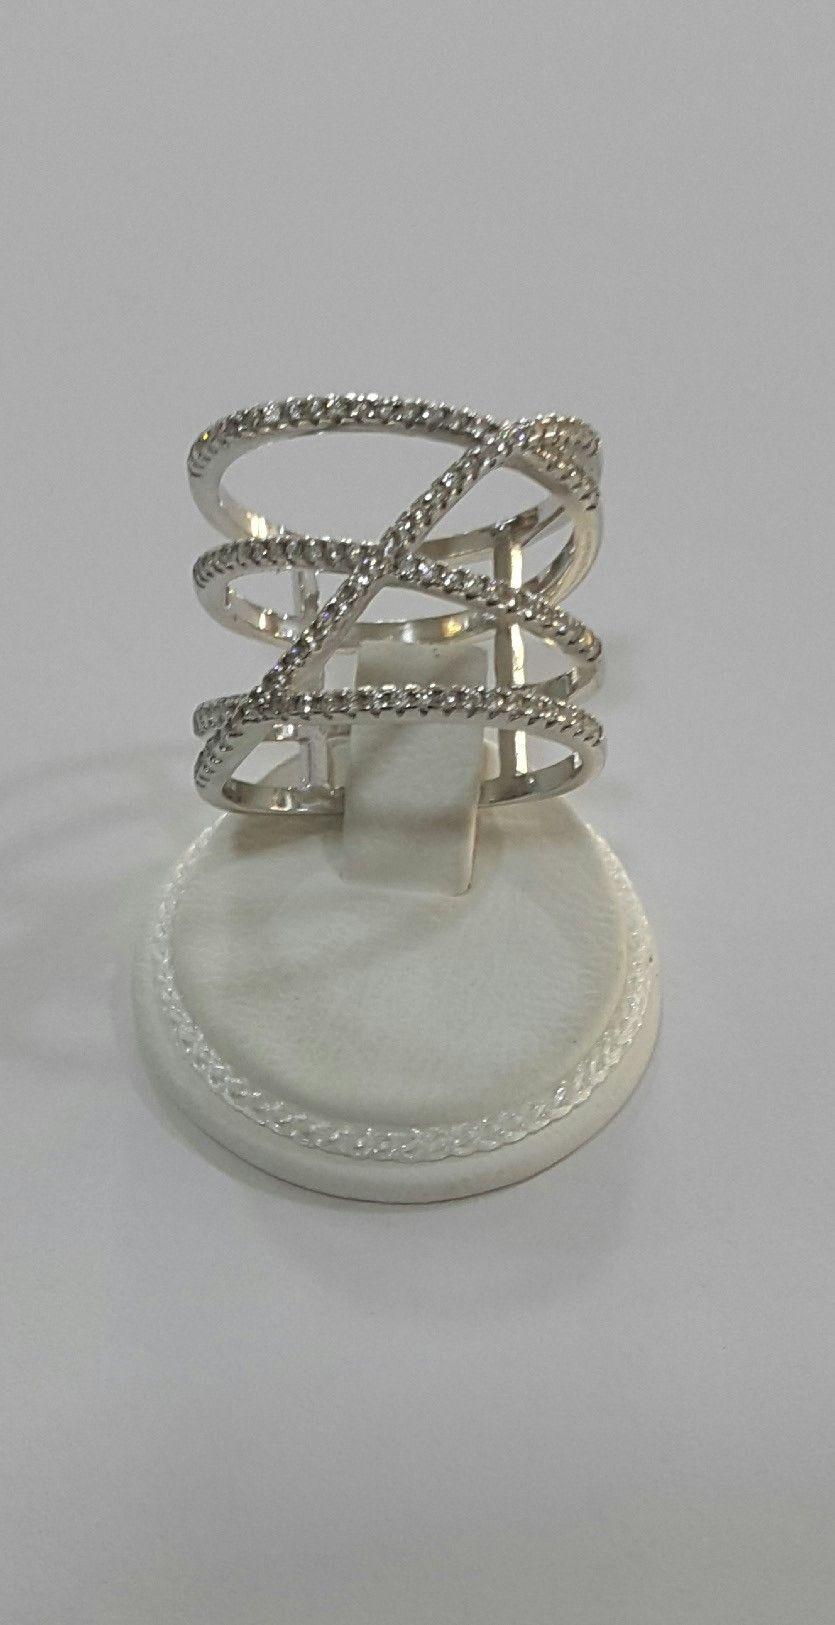 Δαχτυλίδι από ασήμι 925  με λευκά ζιργκόν  be963d3fb8a